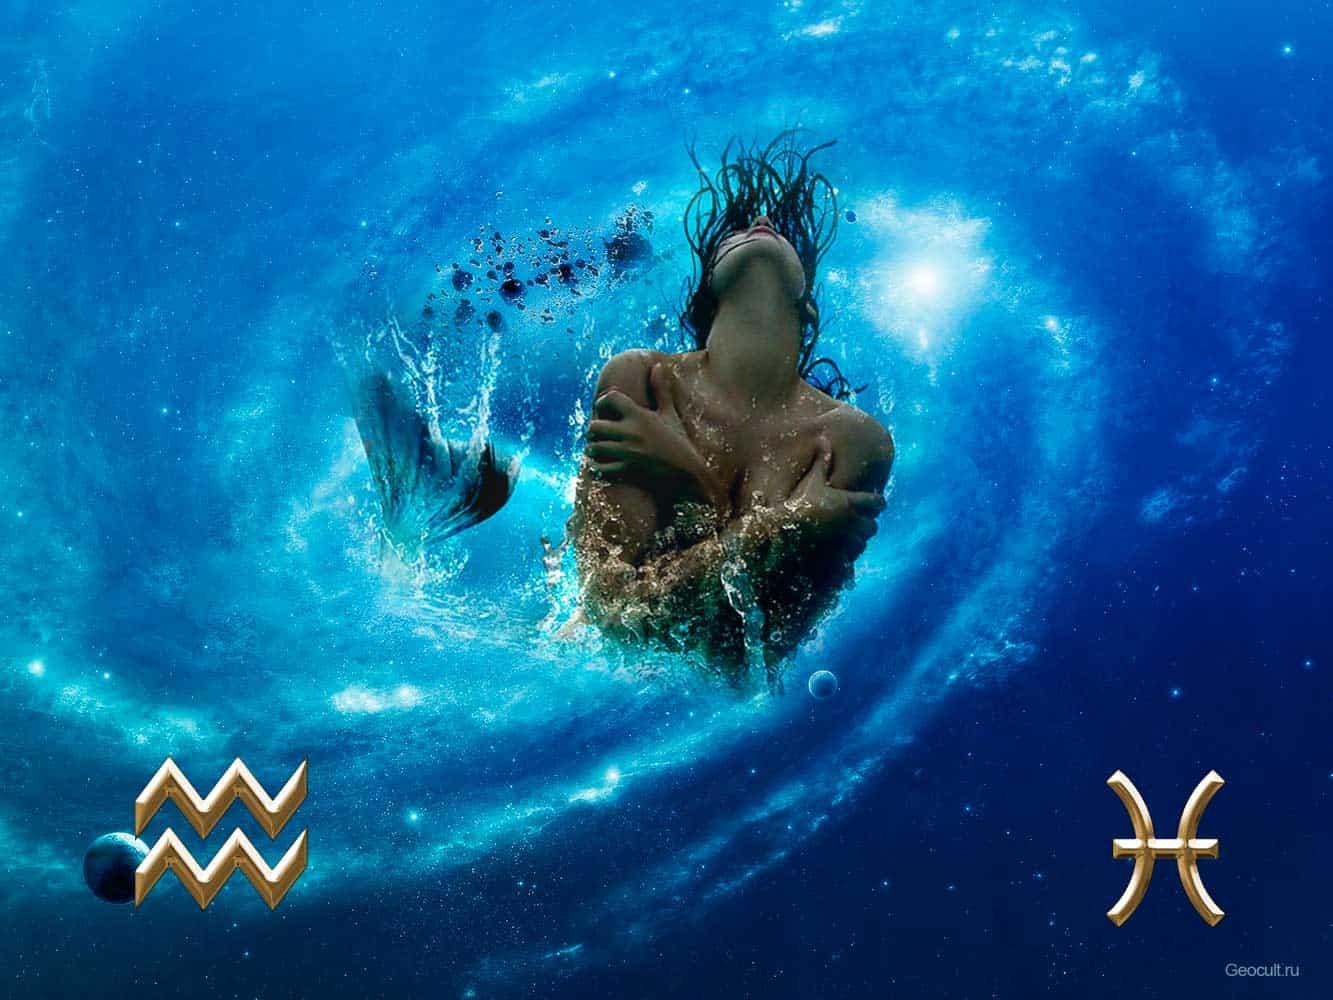 Знаки зодиака водолей фото картинки